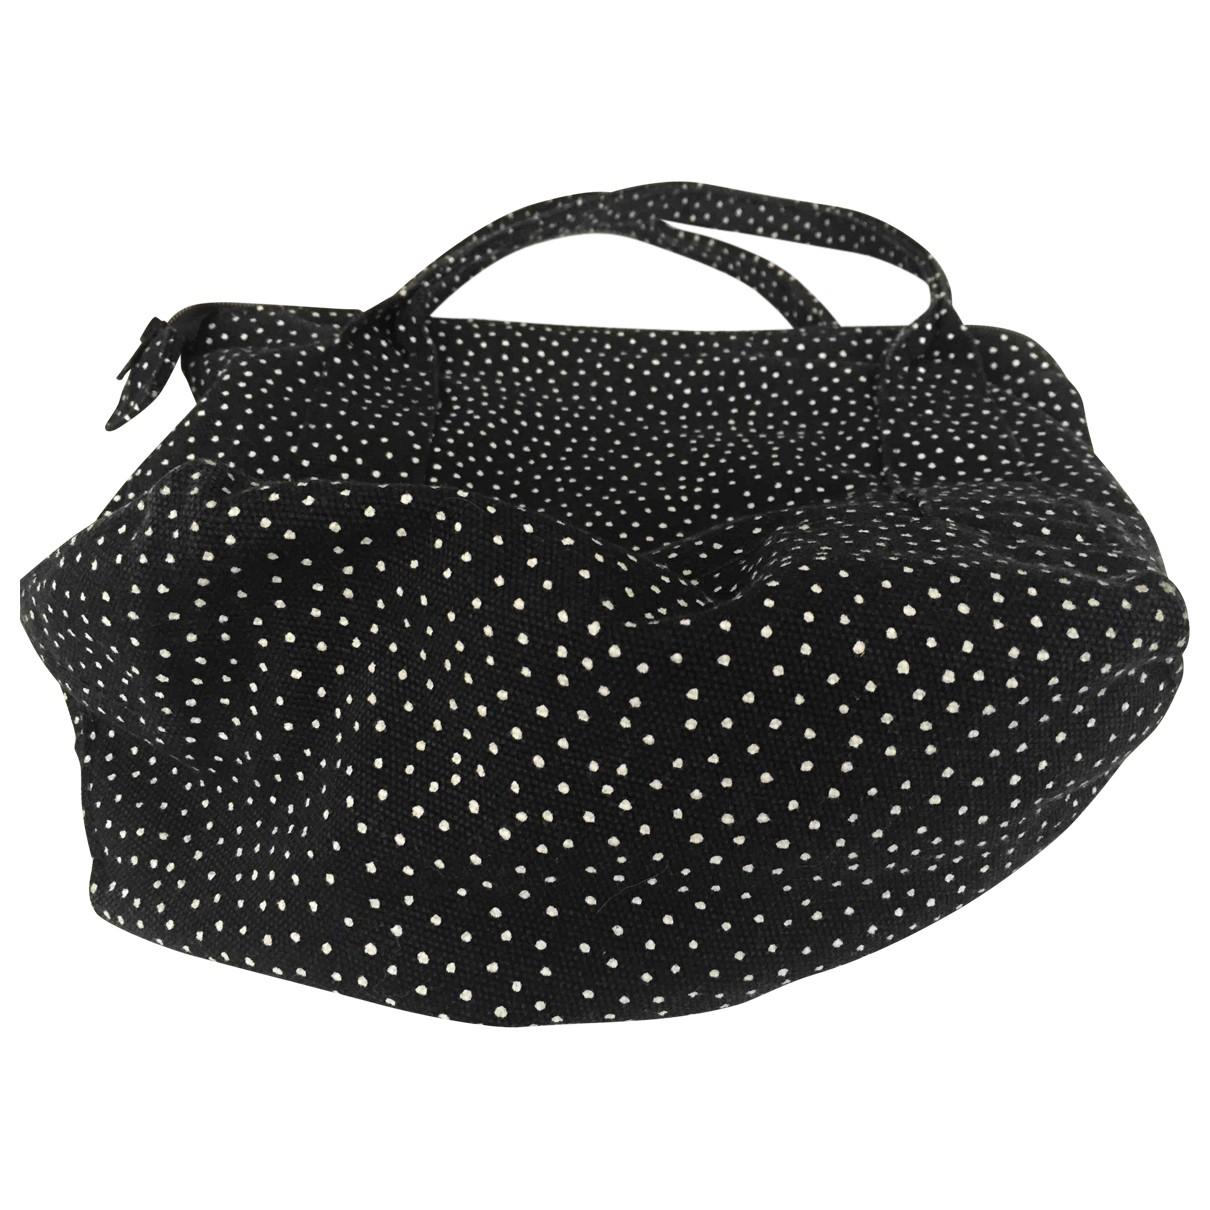 Marimekko \N Handtasche in  Schwarz Baumwolle